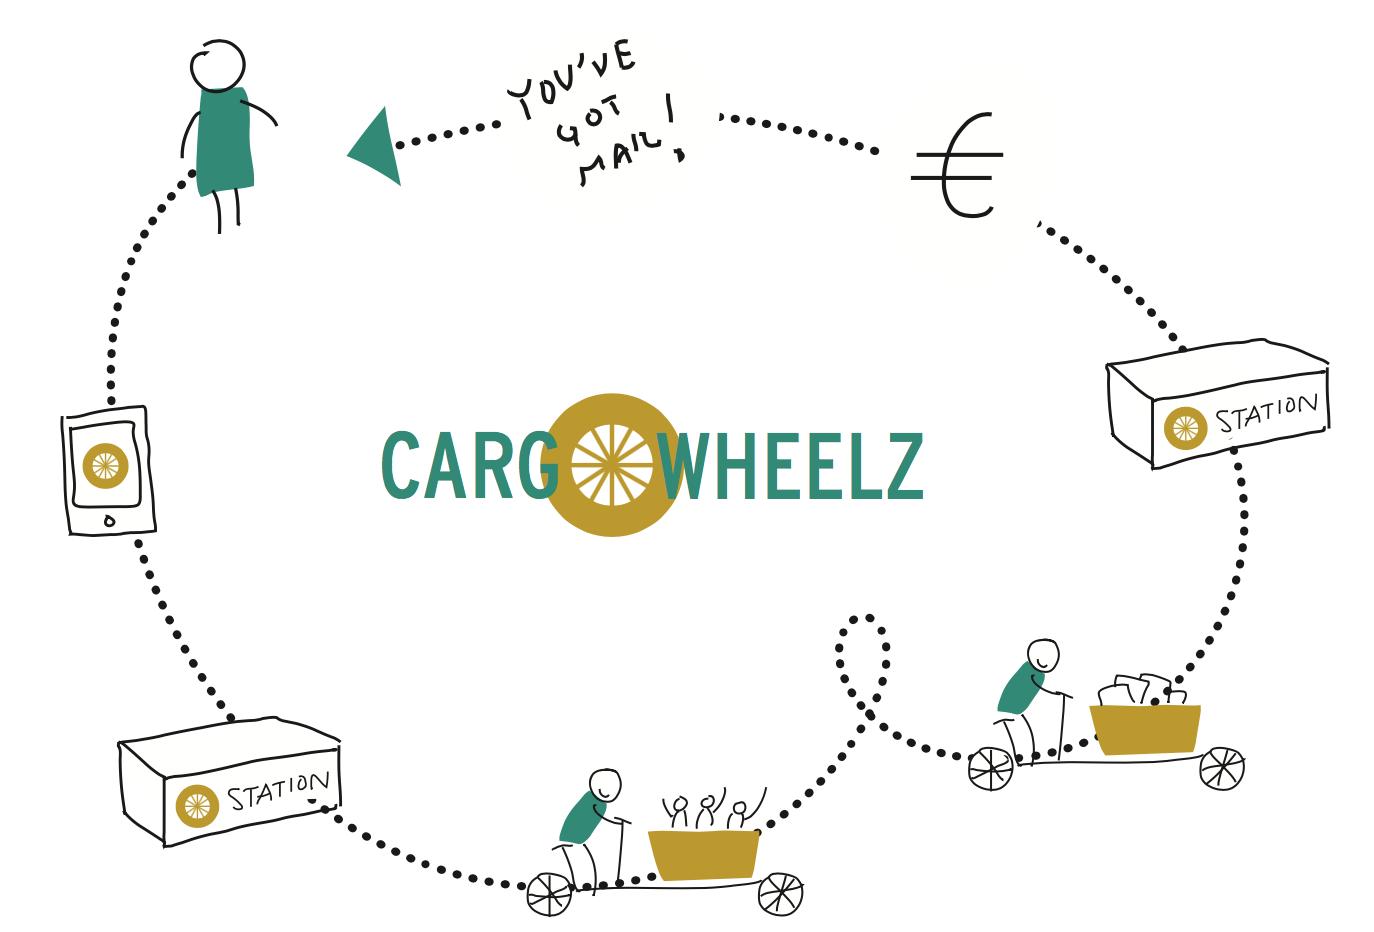 CargoWheelz